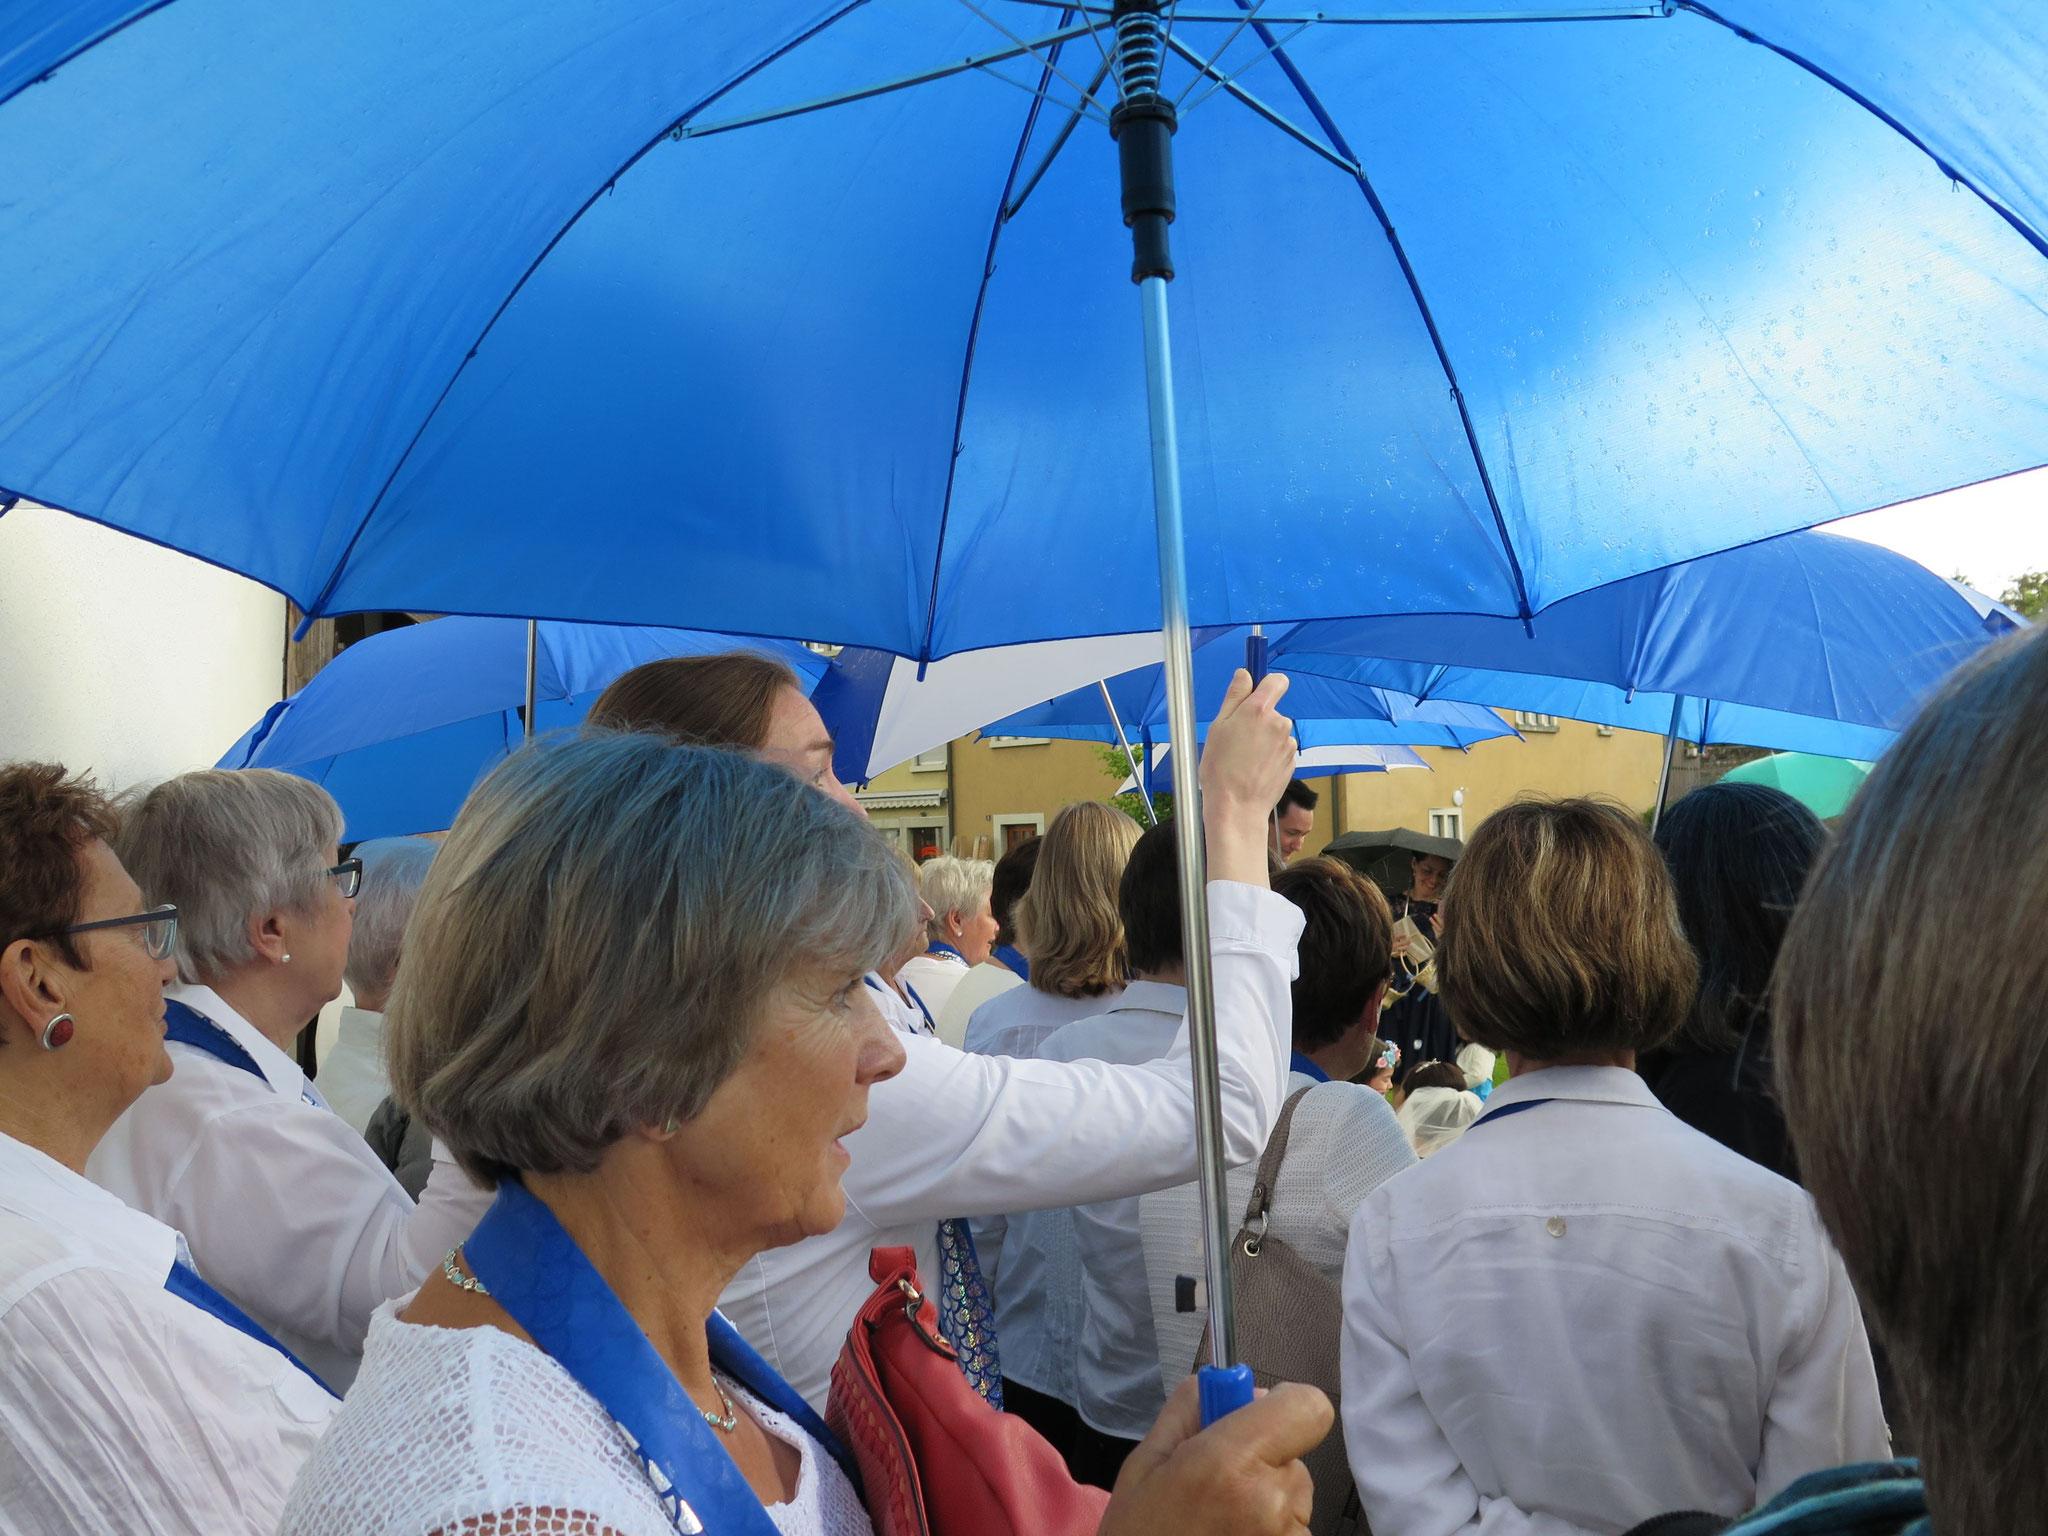 Typisch für diesen Sommer: Immer wieder mal Regen.